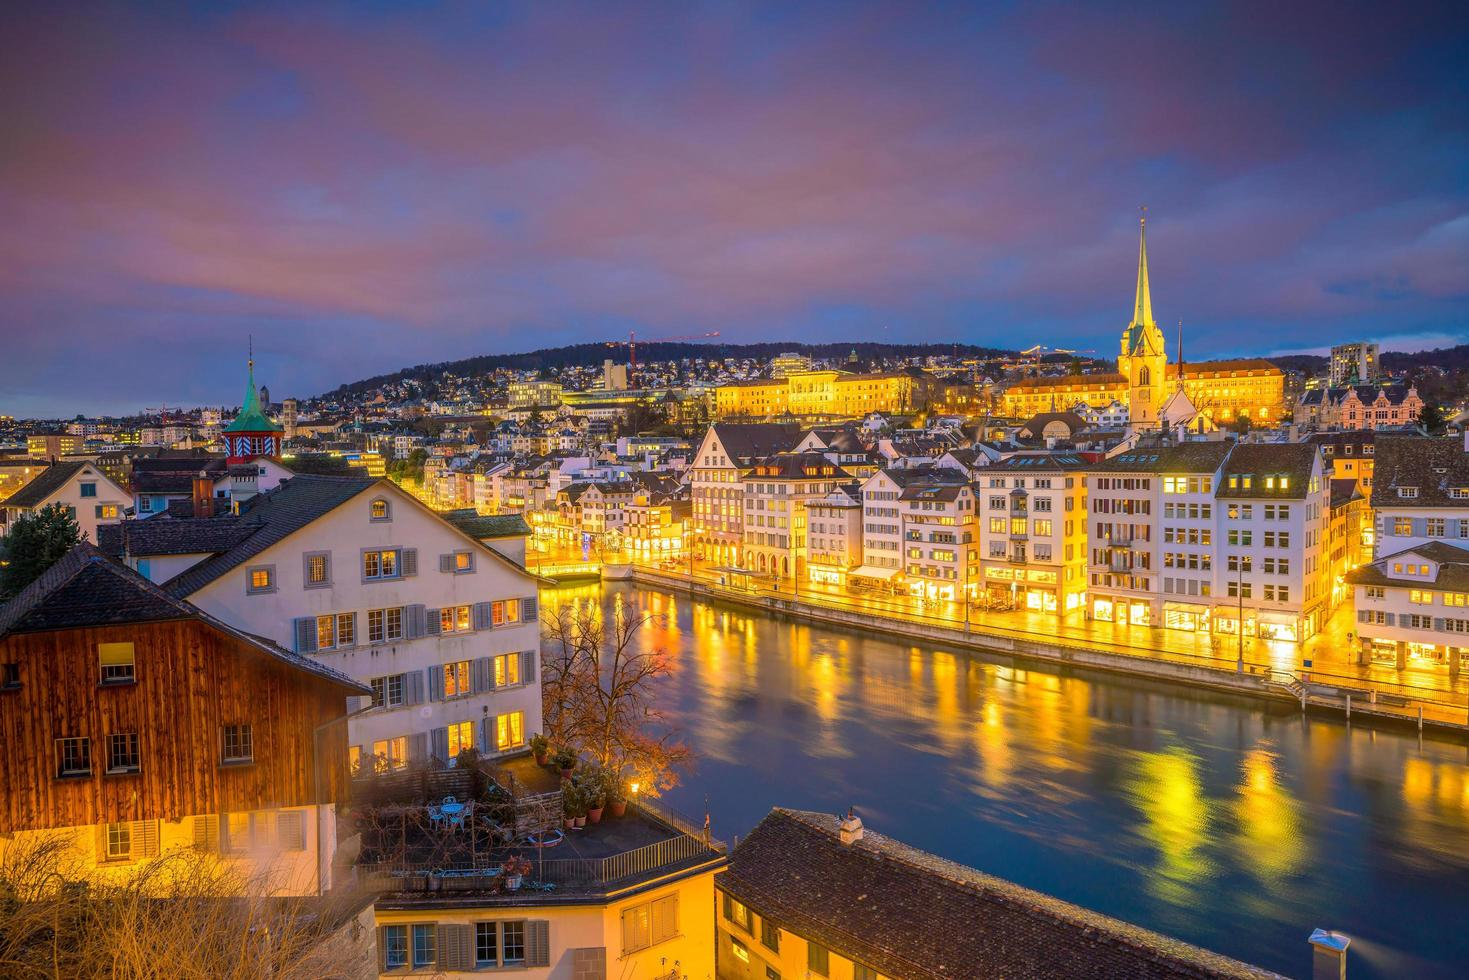 stadsgezicht van het centrum van Zürich in Zwitserland foto